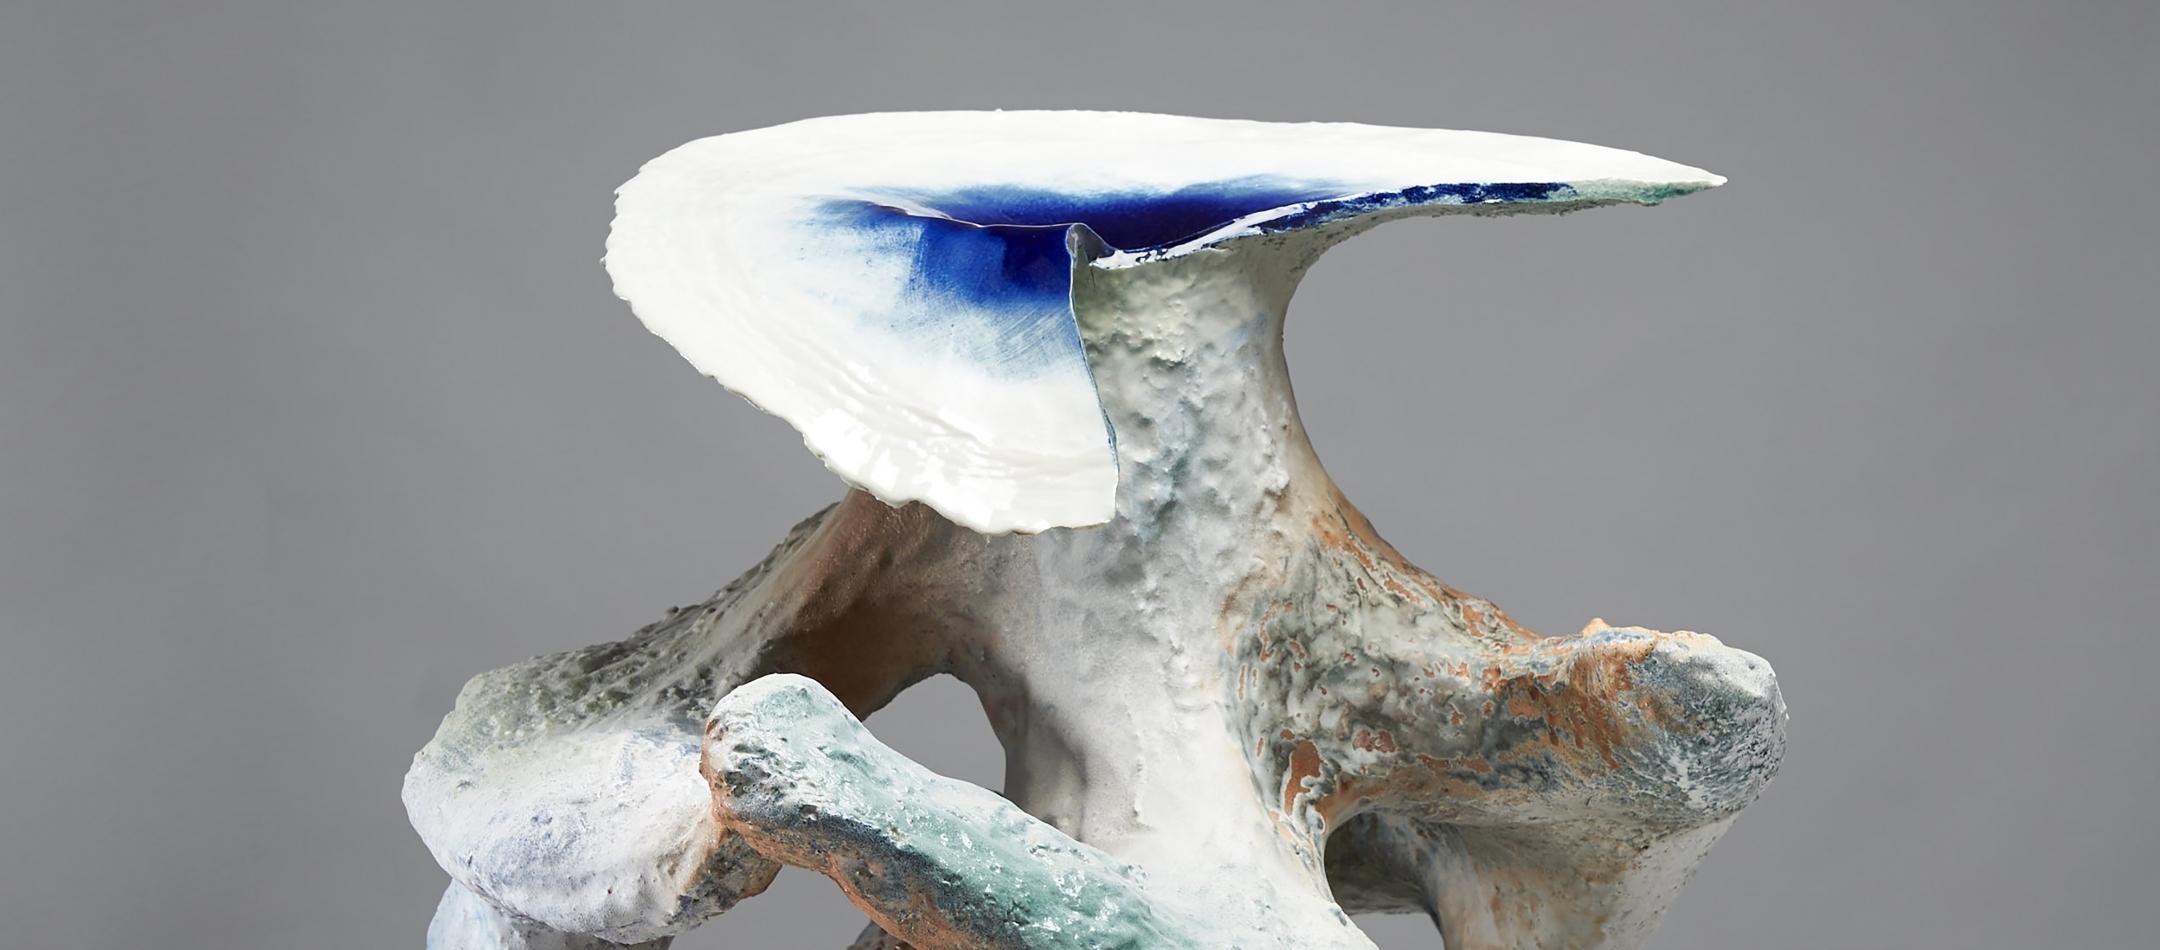 Johannes Nagel: BLUMENROT